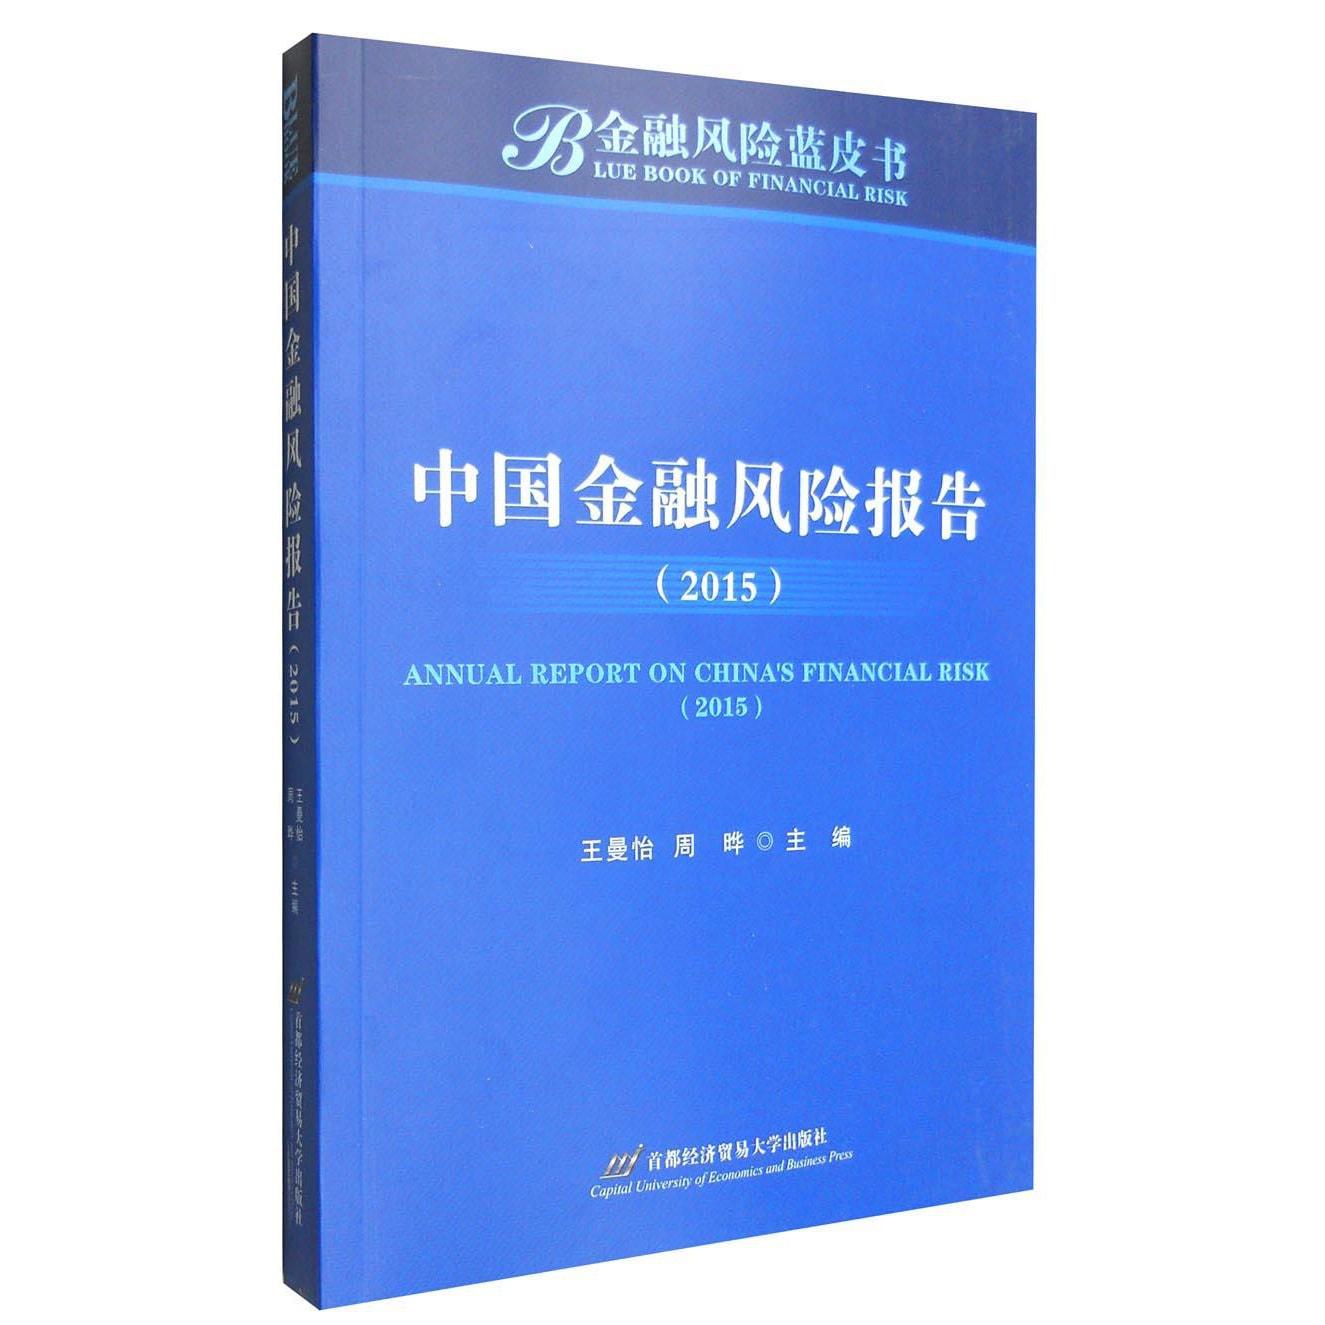 中国金融风险报告(2015年) 怎么样 - 亚米网